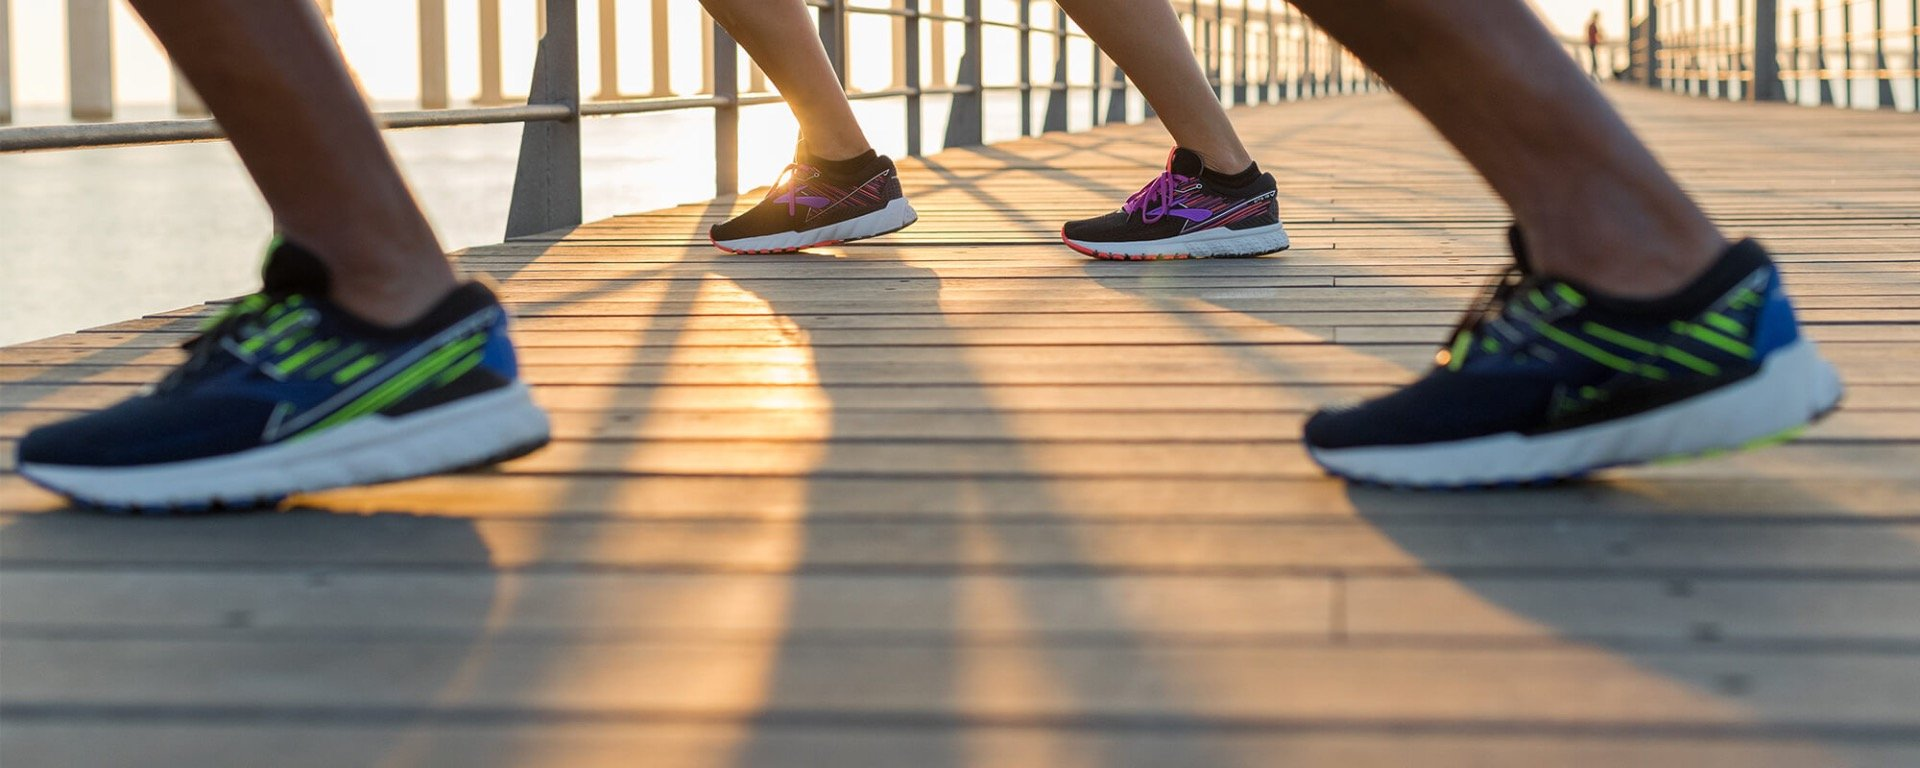 Køb BROOKS løbesko og løbetøj til dame og herre online med fri fragt på kaisersport.dk